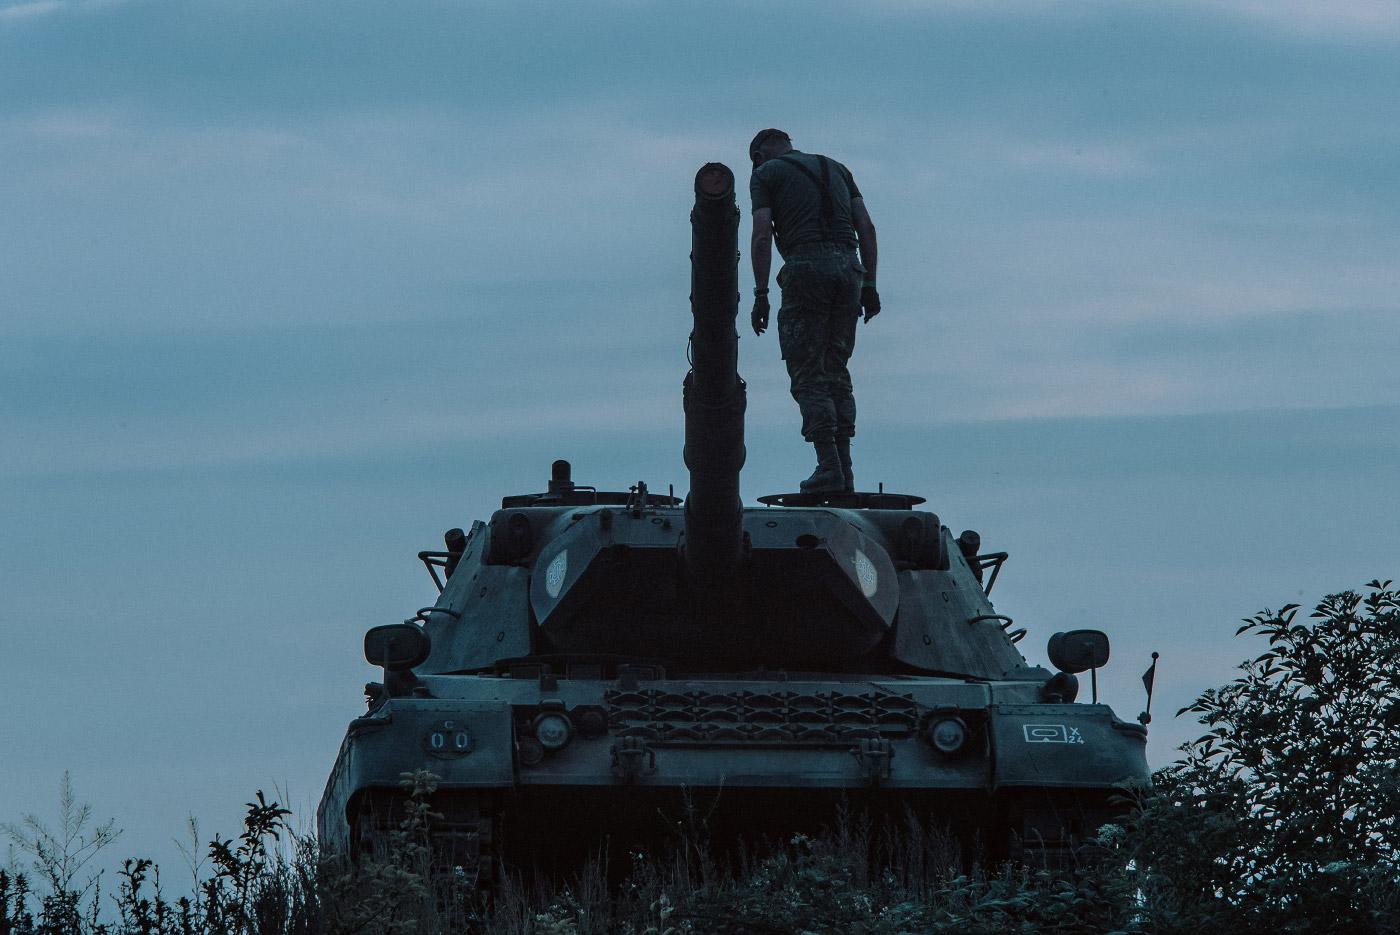 Panzertreffen 2018, Leopard 1